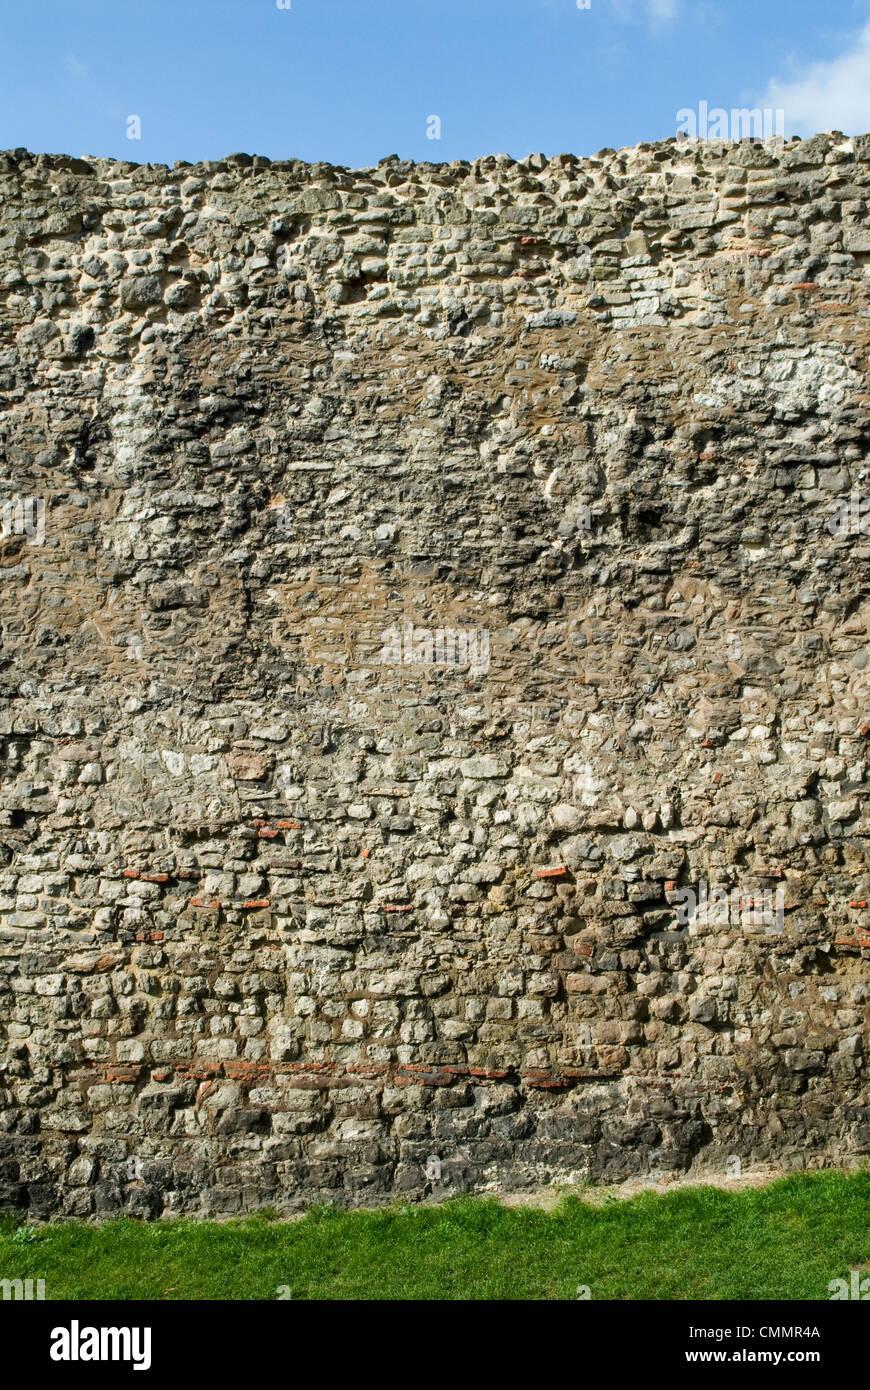 London Wall. At Tower Hill. London Uk HOMER SYKES - Stock Image